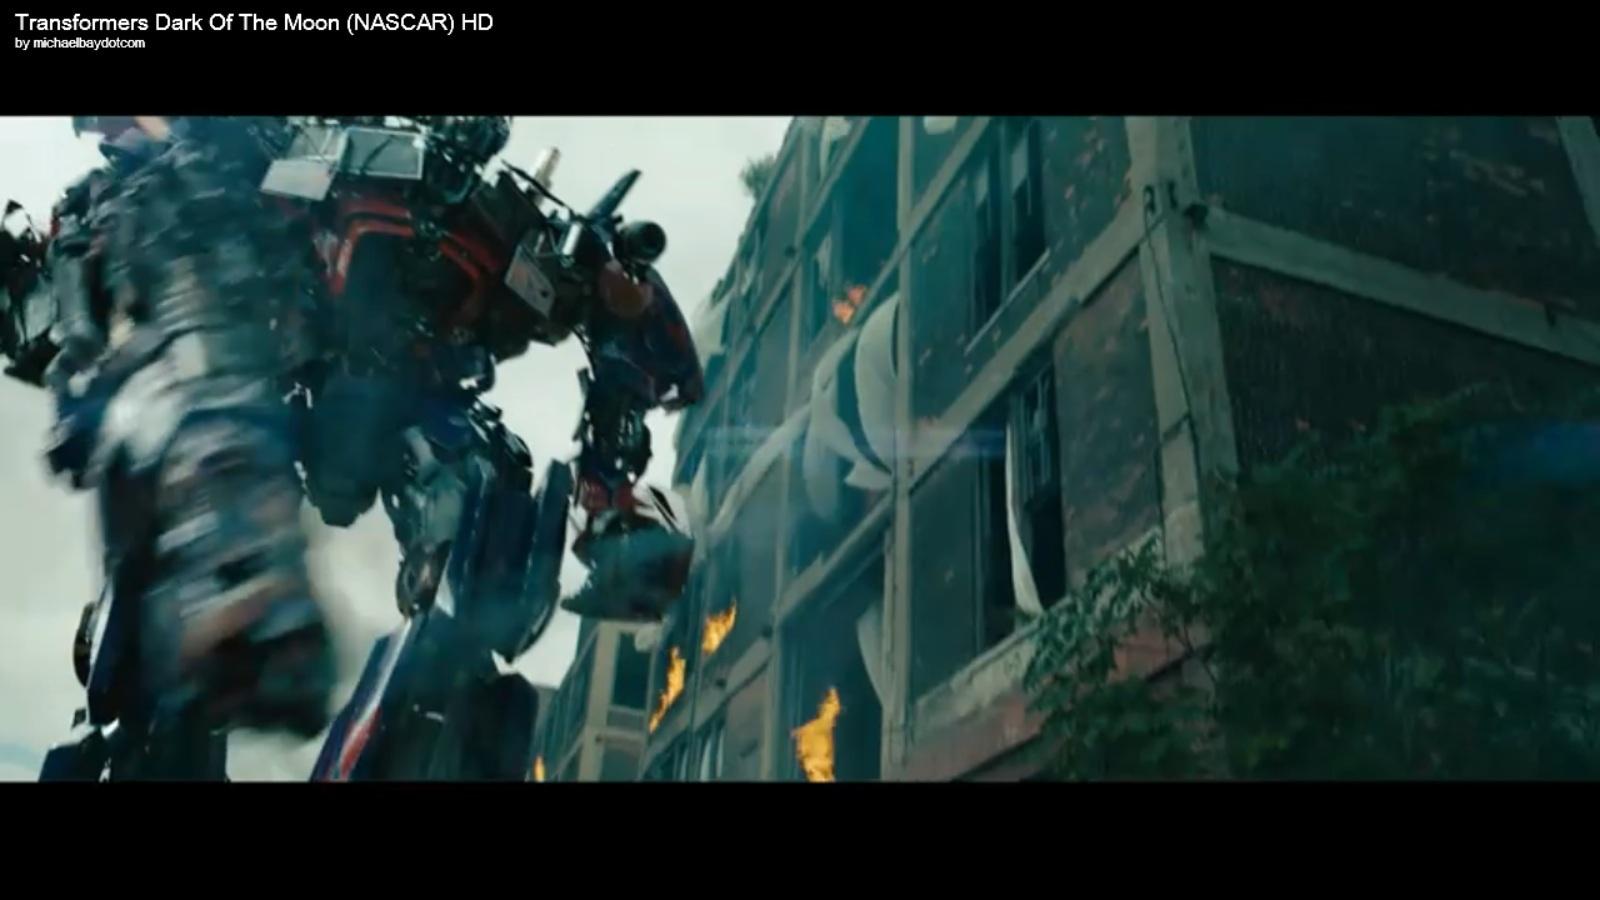 Transformers dark of the moon 2017 brrip xvidengsubtitles ...